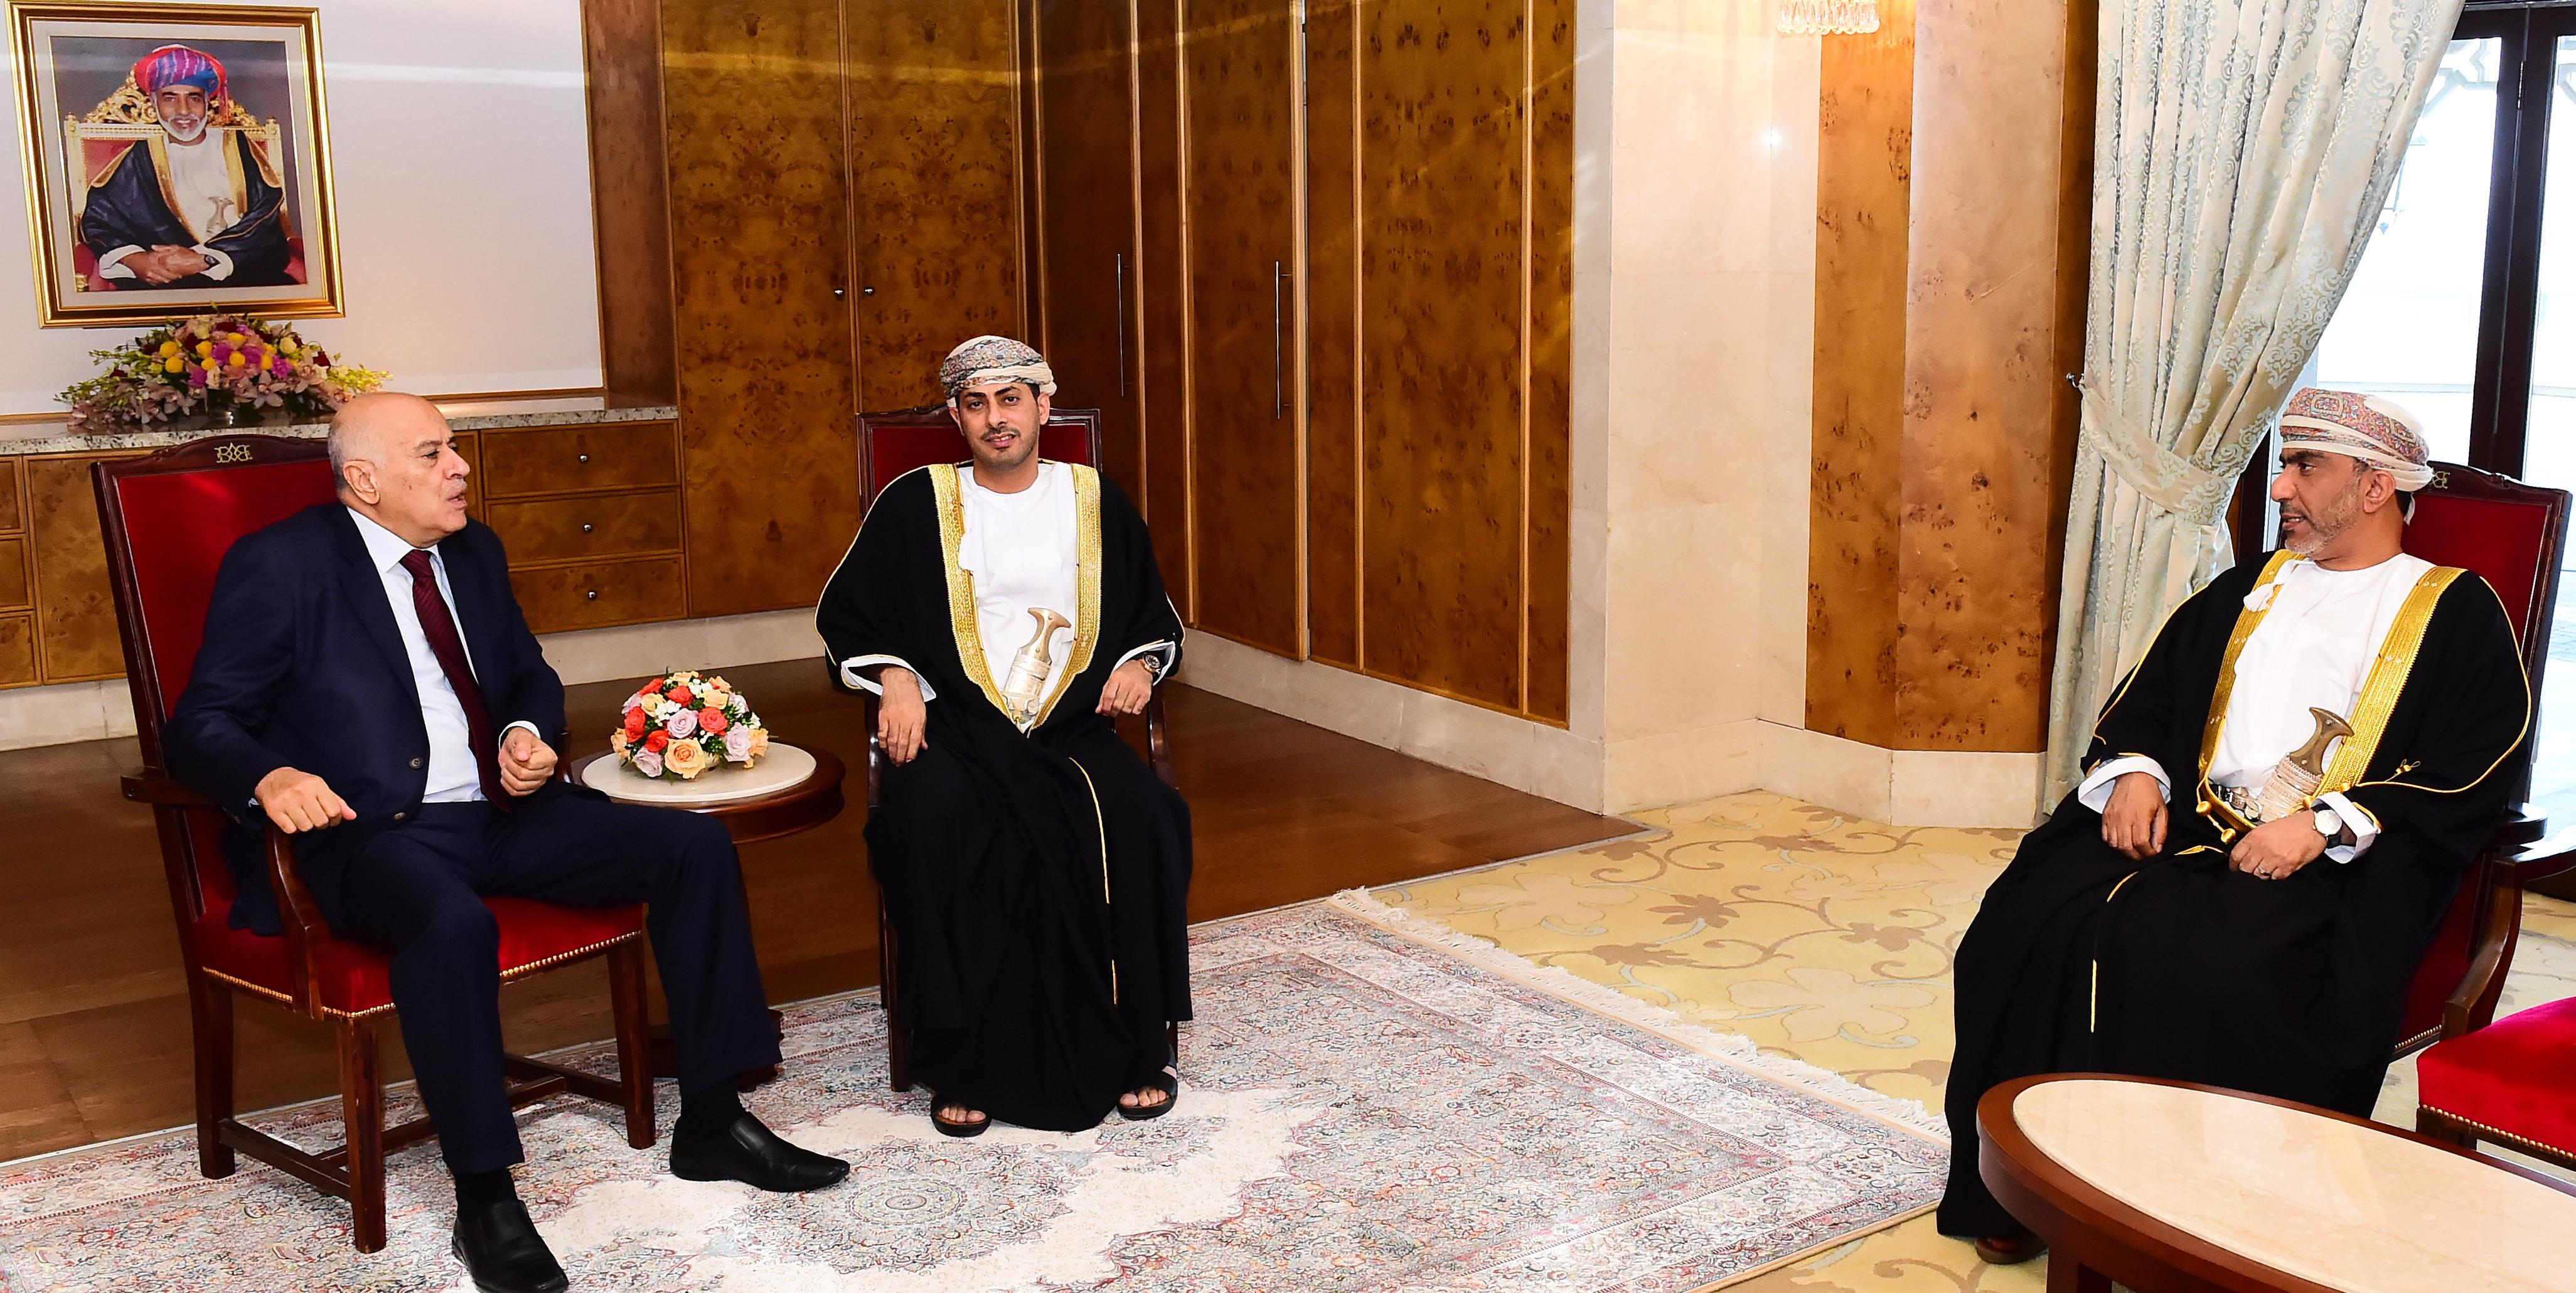 وزير الشؤون الرياضية يلتقي رئيس اللجنة الأولمبية الفلسطينية